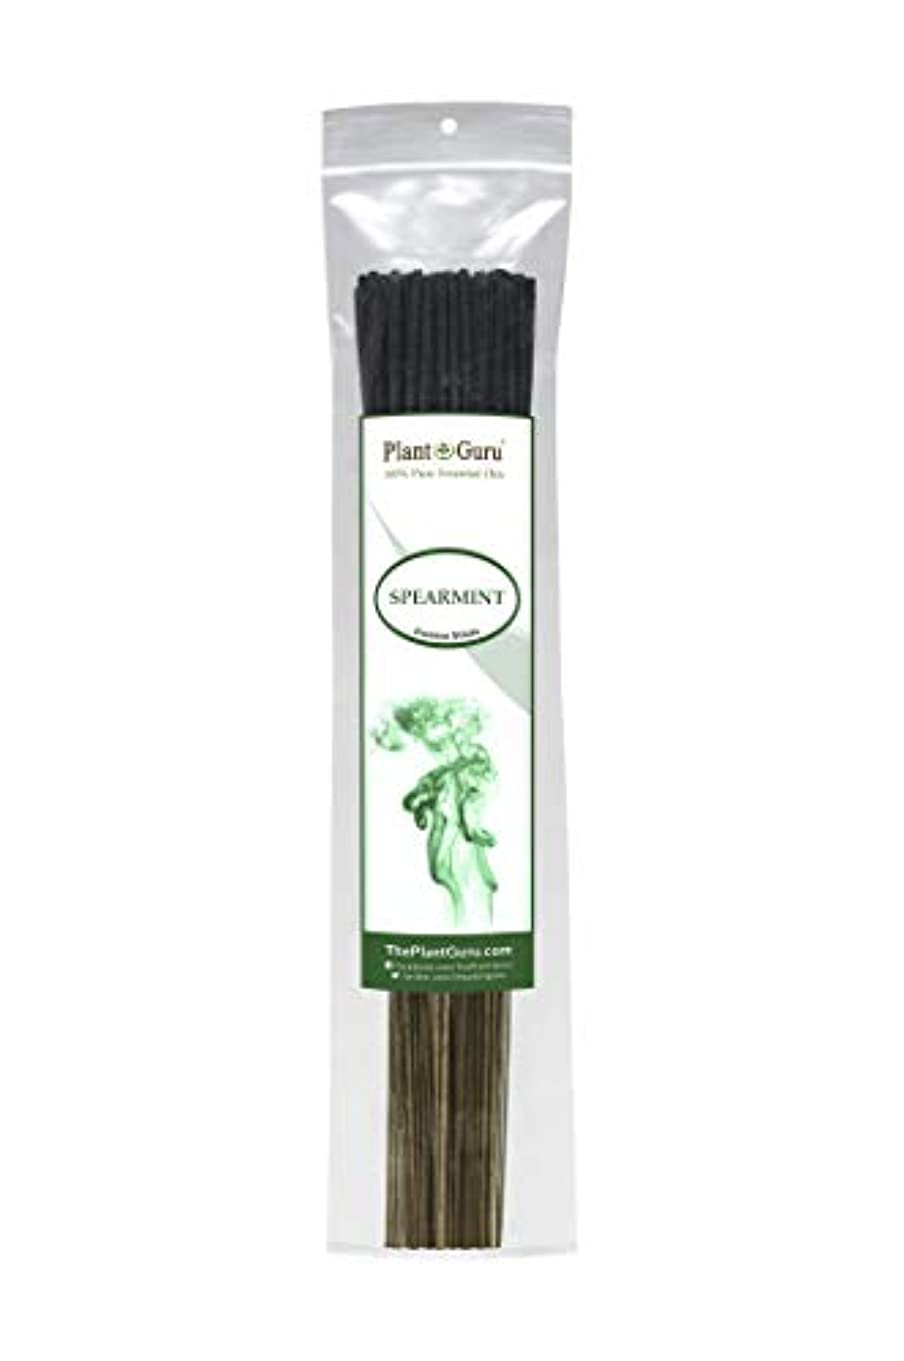 モンクあいまいな依存植物グルスピアミント線香 各束185グラム 85~100本入り プレミアム品質 滑らかで清潔 各スティックの長さは10.5インチ 燃焼時間はそれぞれ45~60分